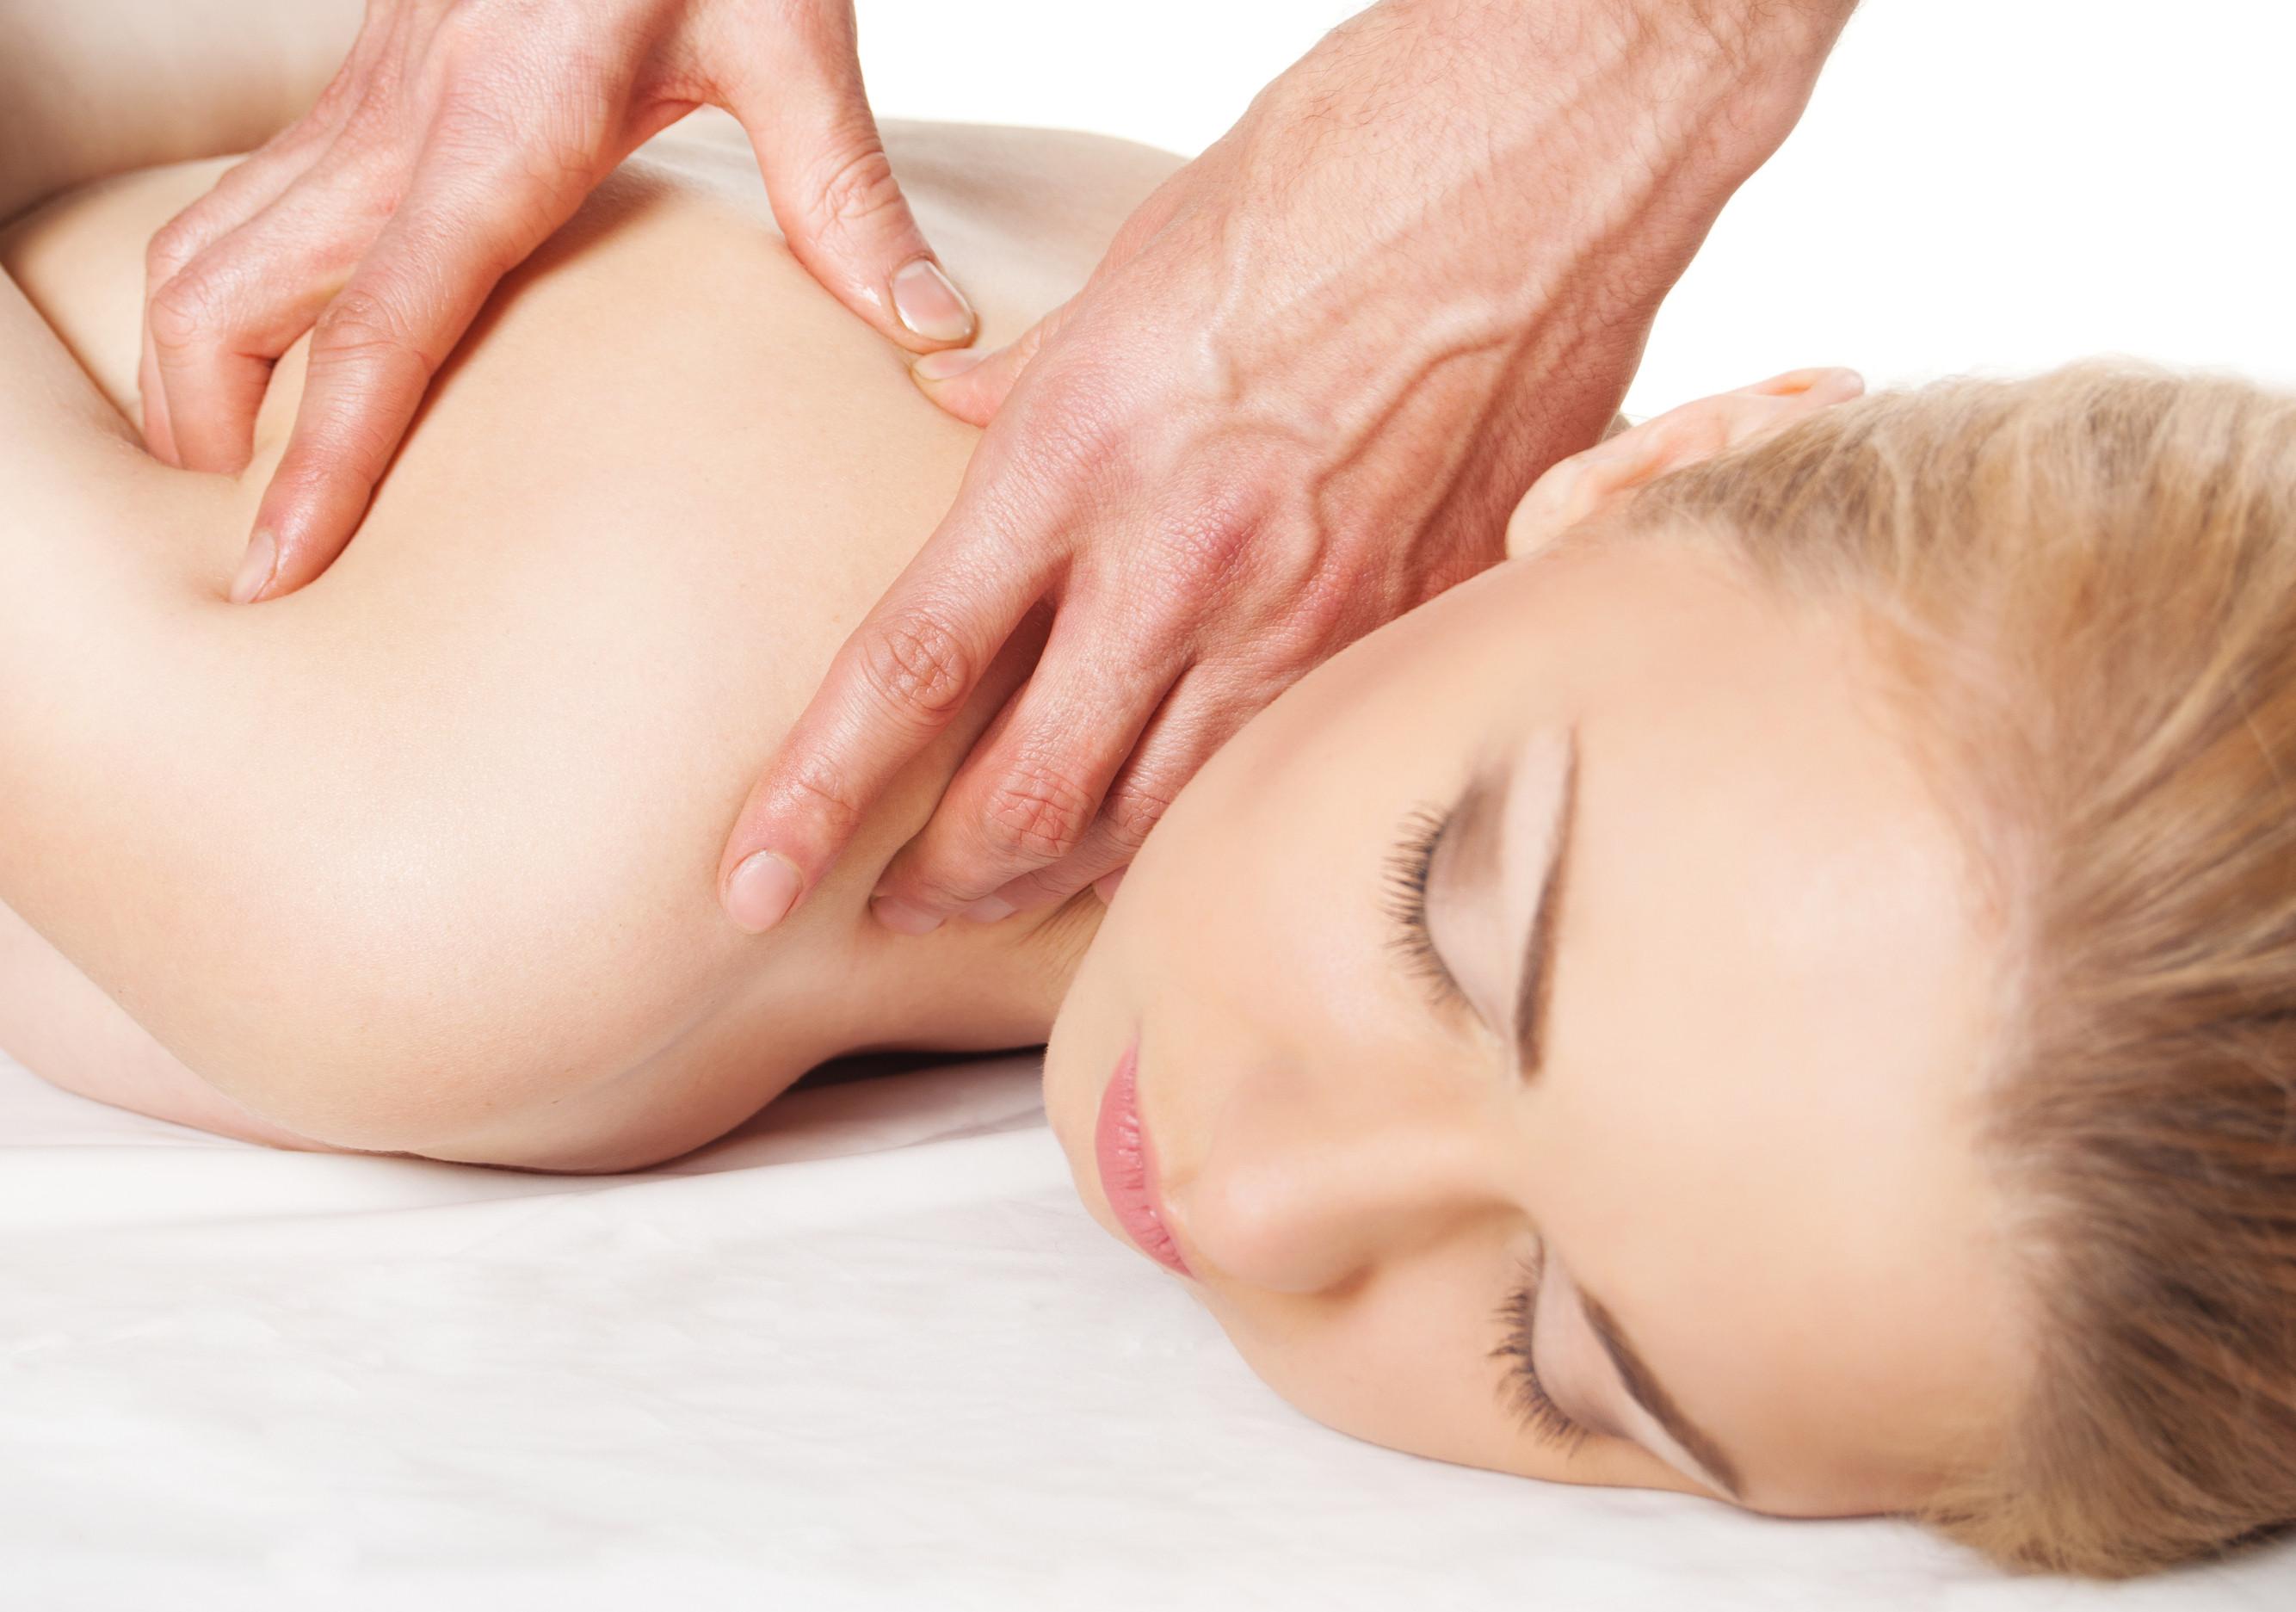 Девушка получить массаж - руки, массируя ее обратно - A красивая